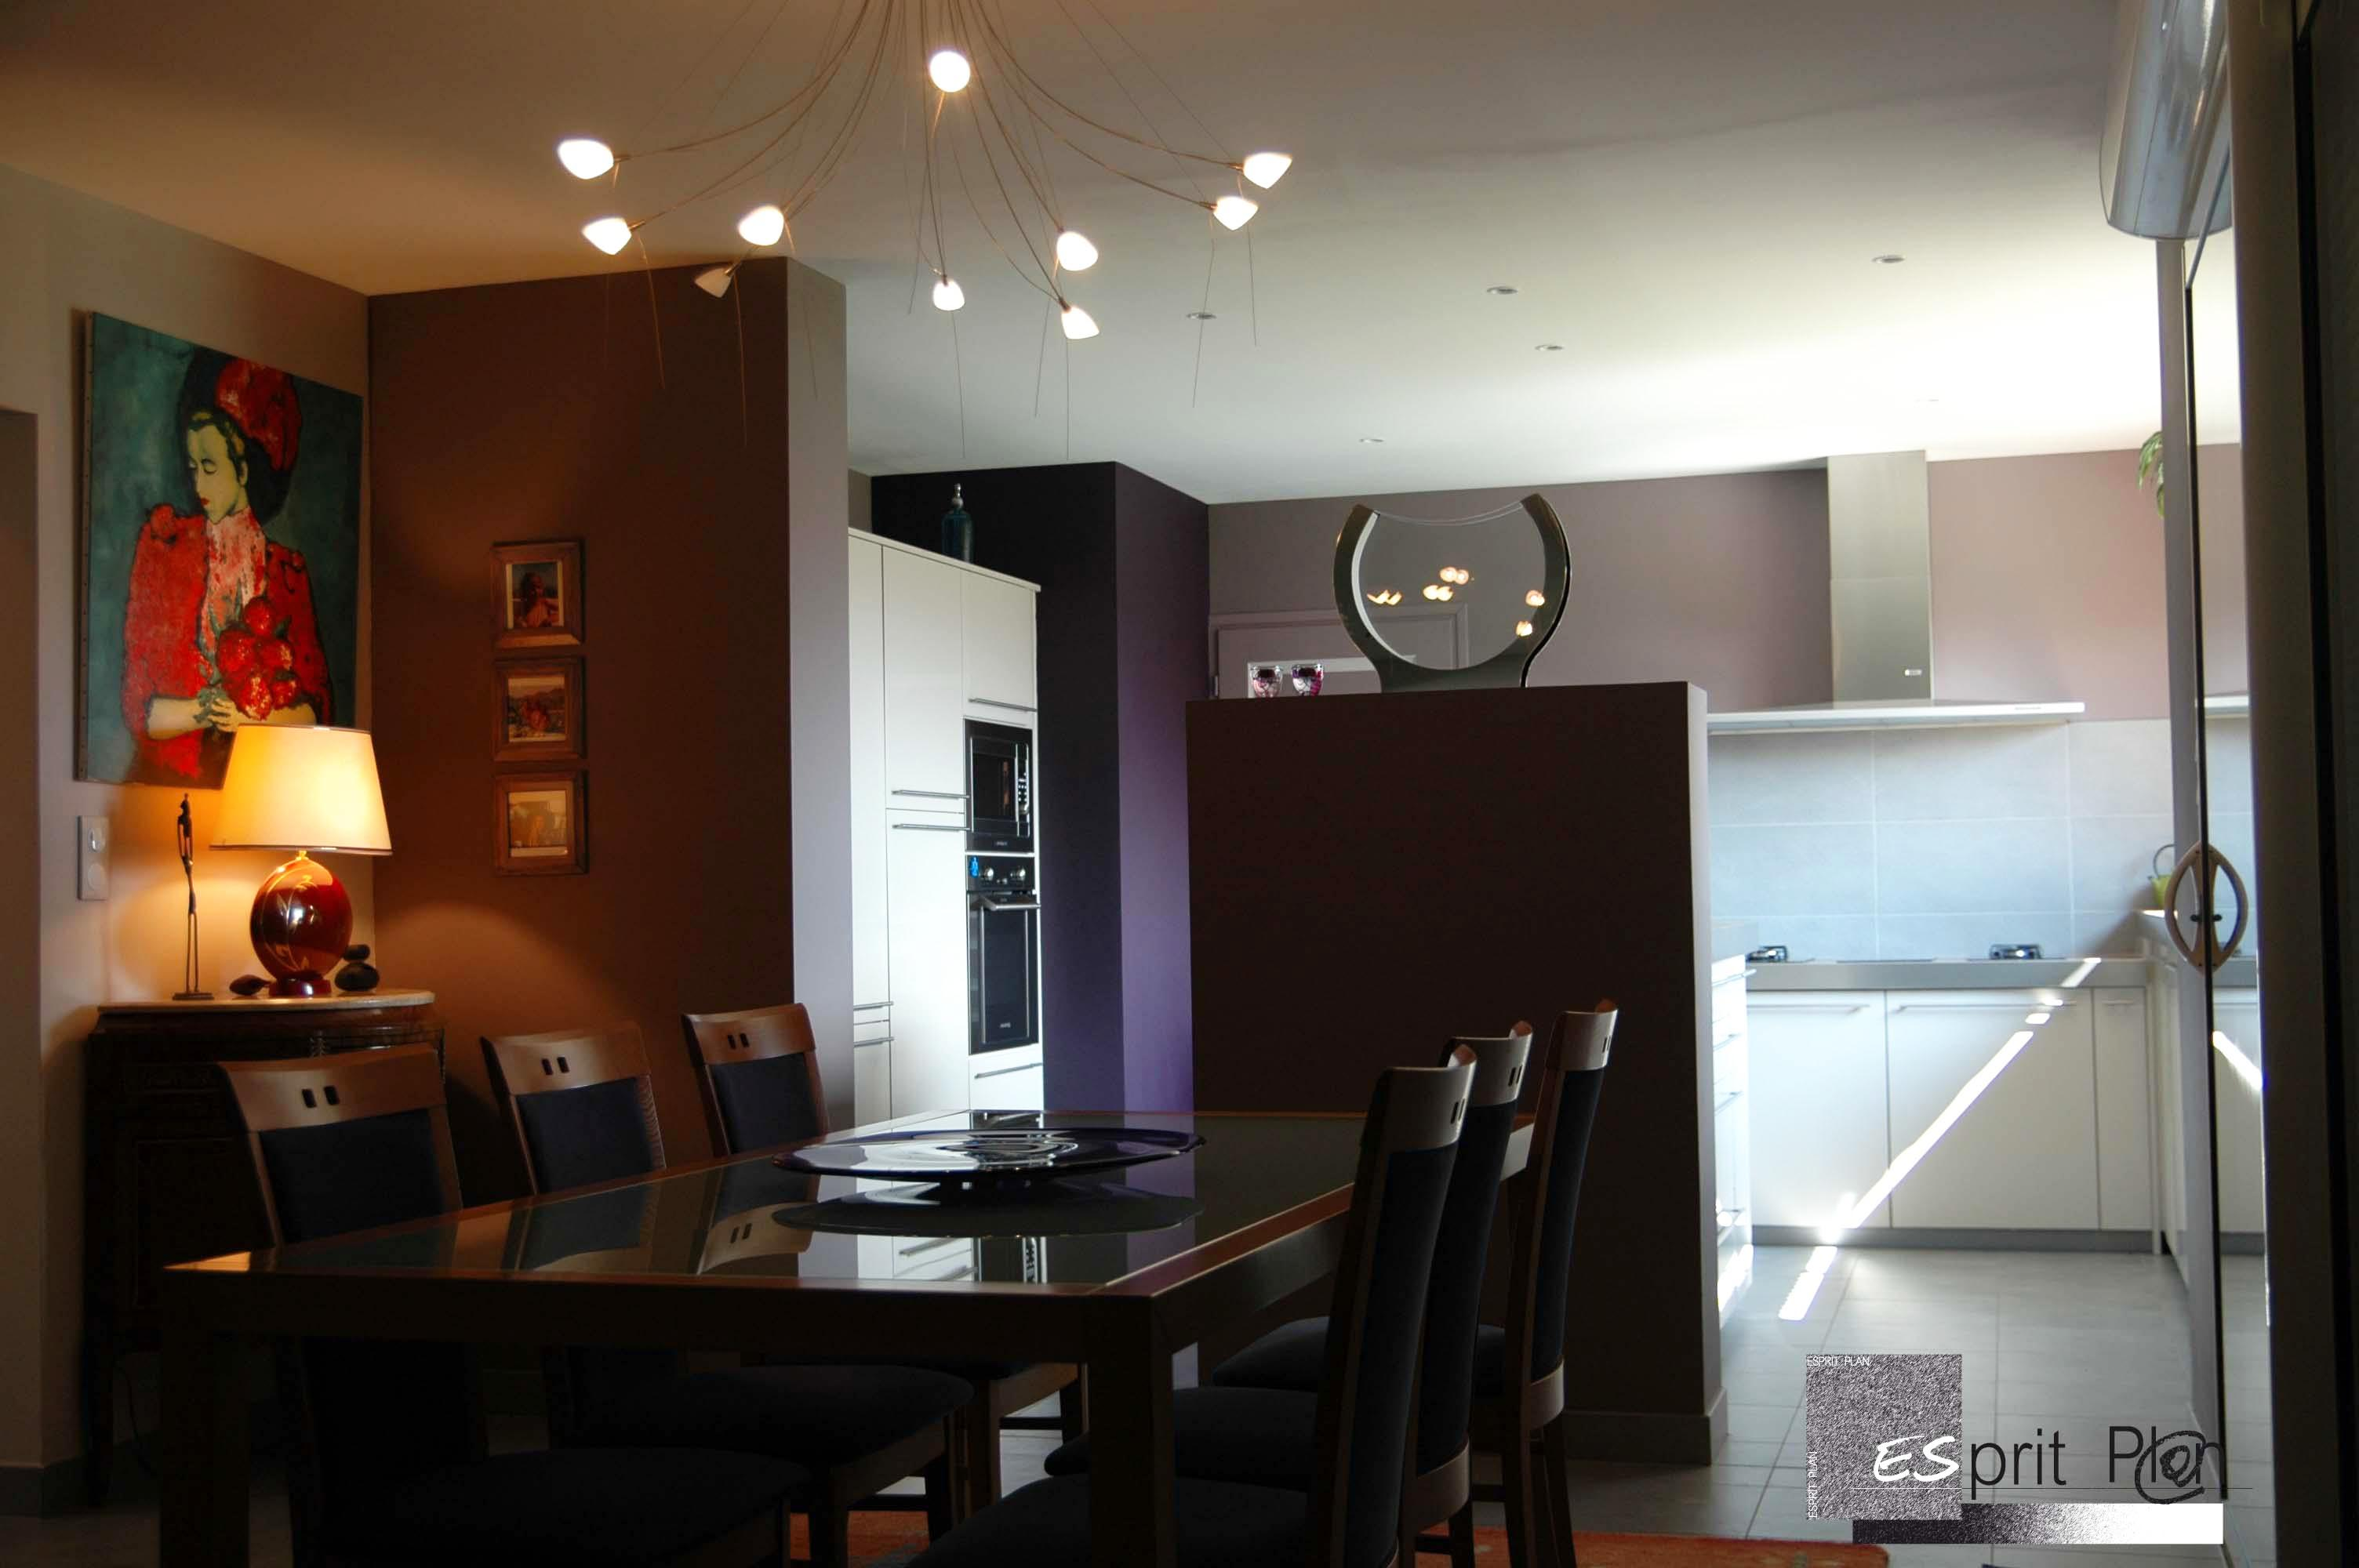 Amenagement d une salle de sejour perpignan 13 for Amenagement salon sejour cuisine